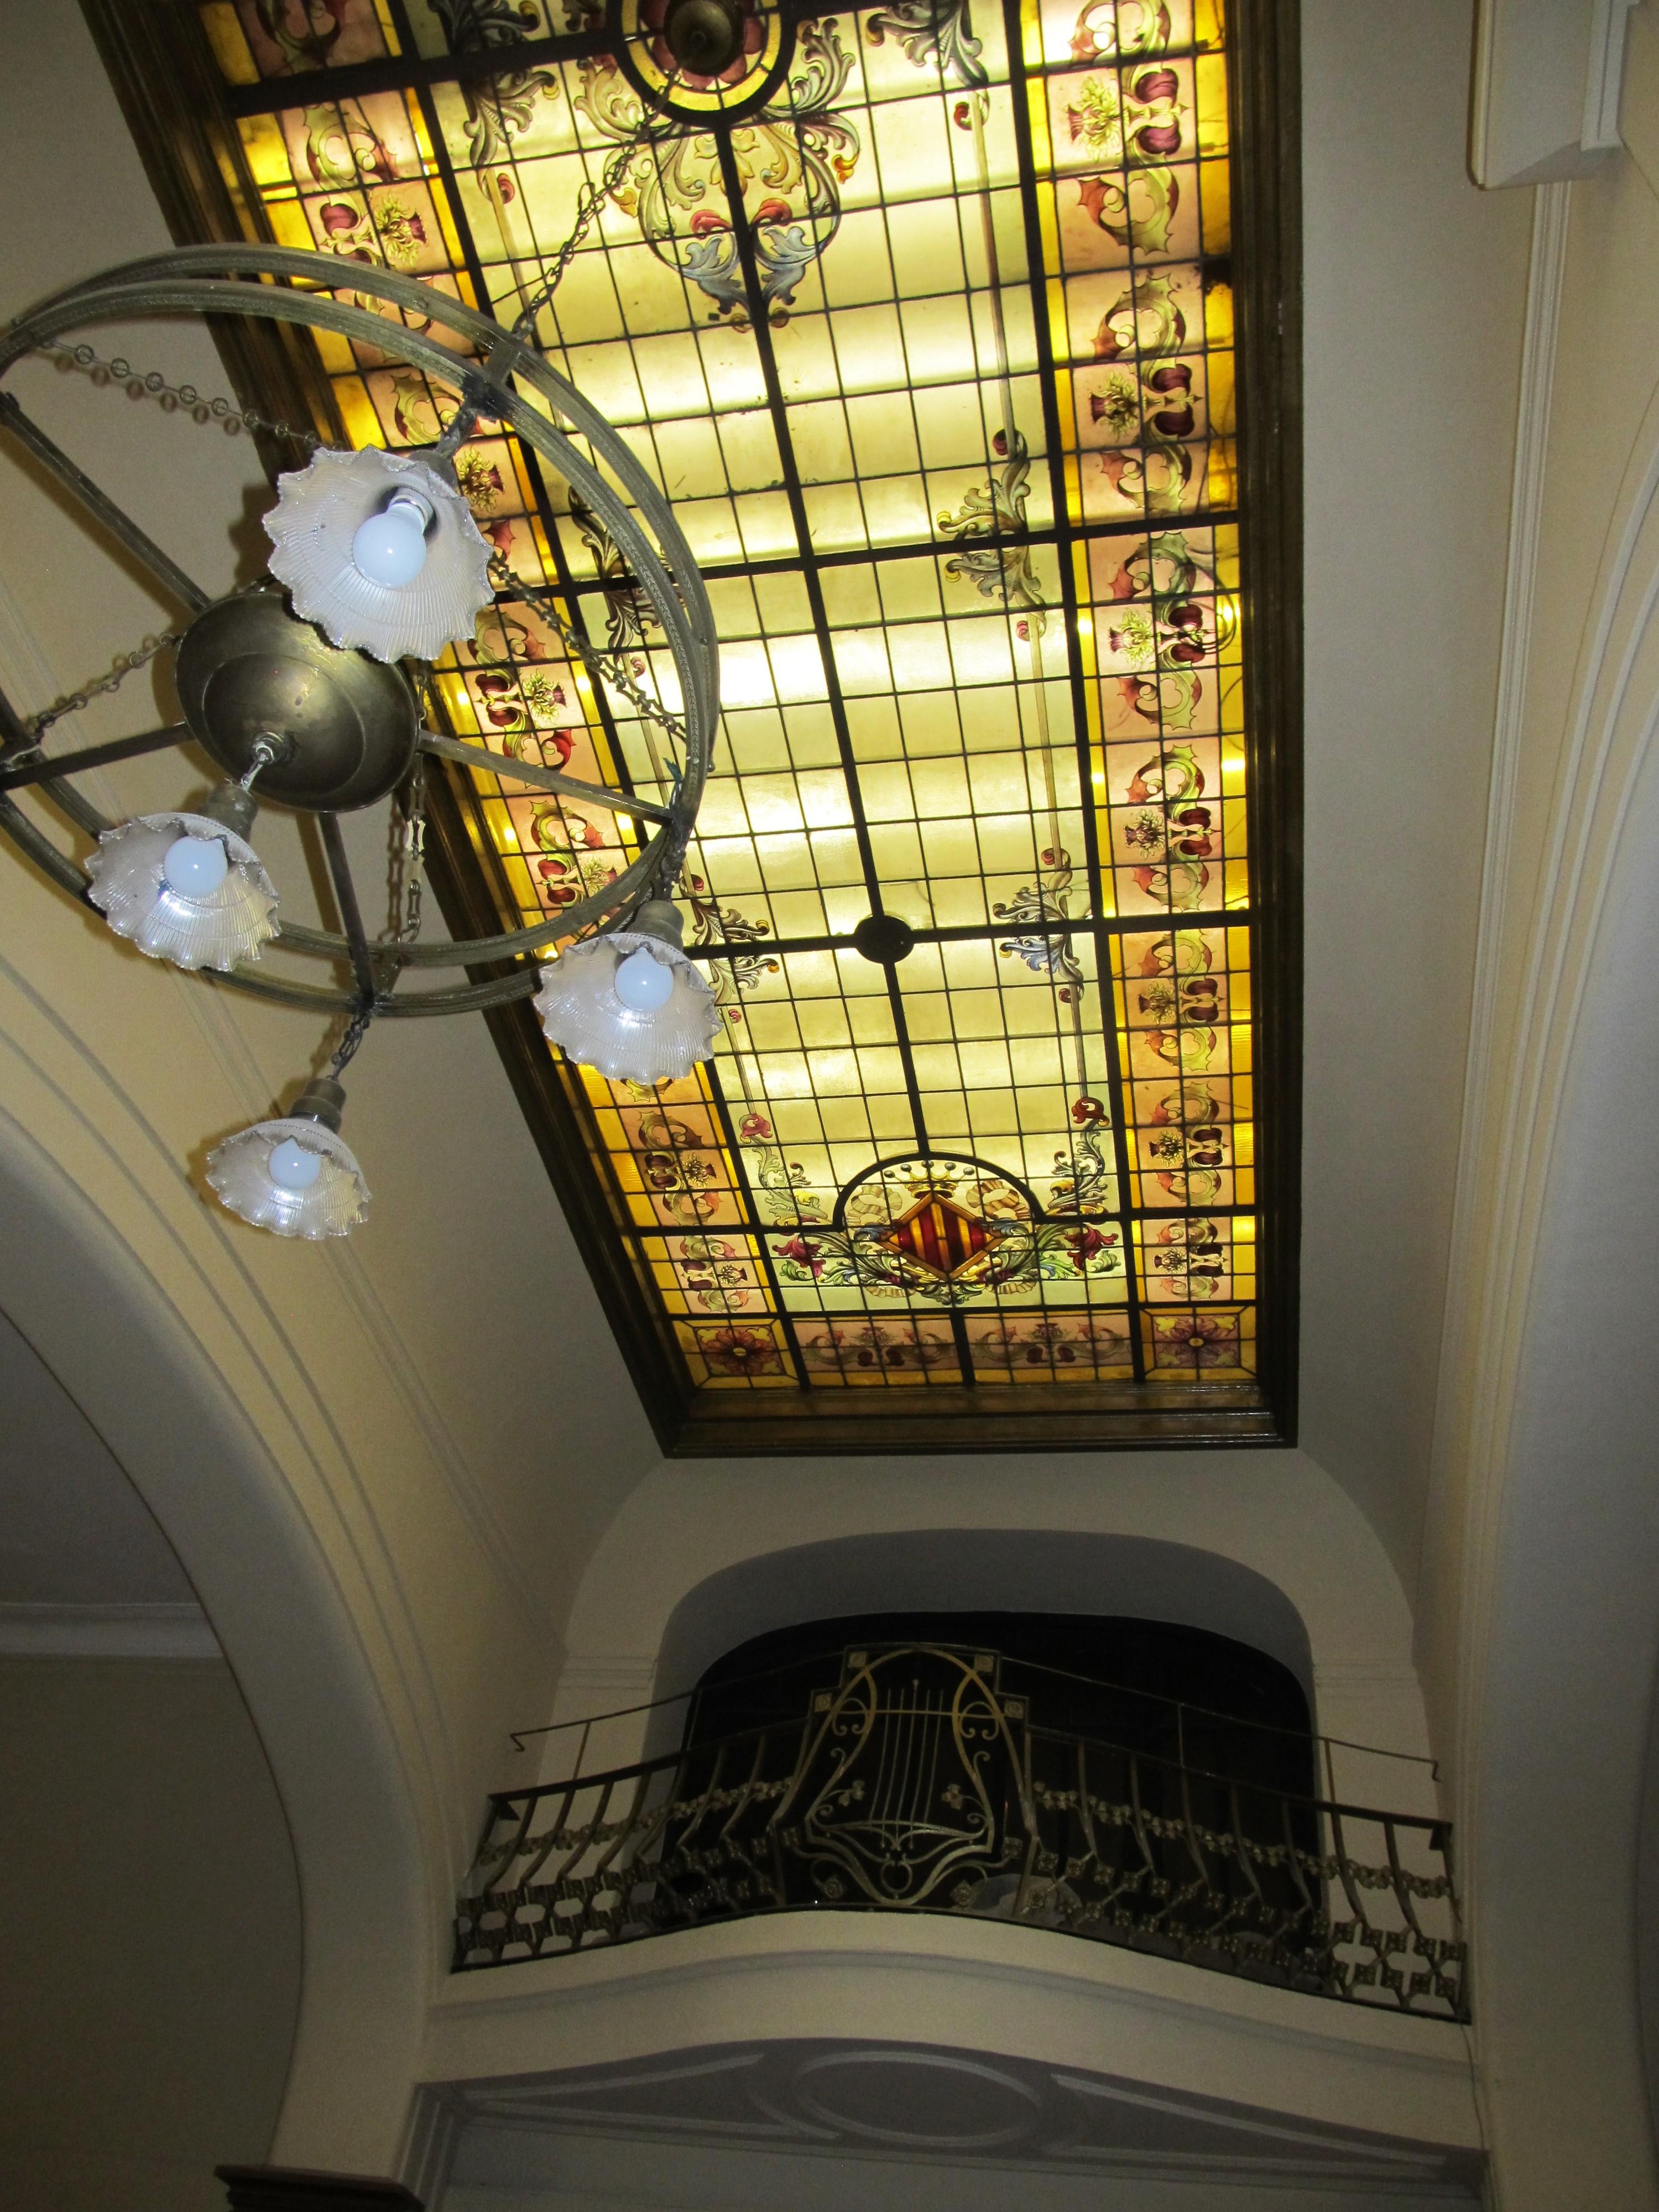 3f2dd15608 File La luz y el color que ilumina el alma.jpg - Wikimedia Commons